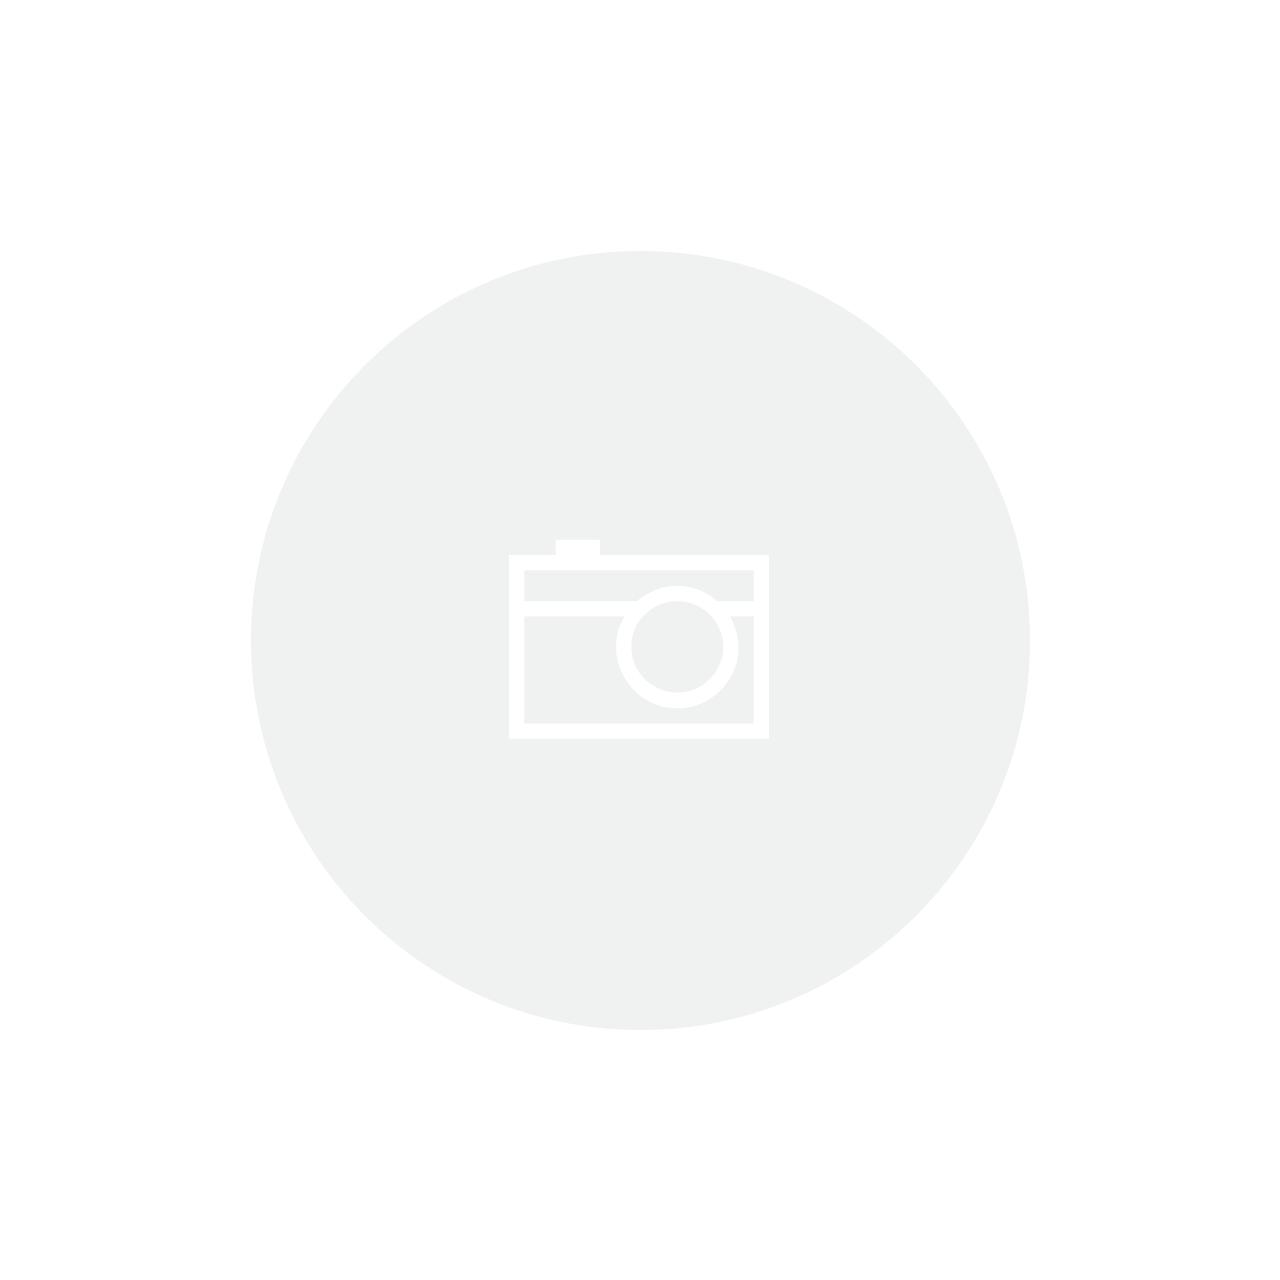 Suéter Pet Xadrez (Ms046)